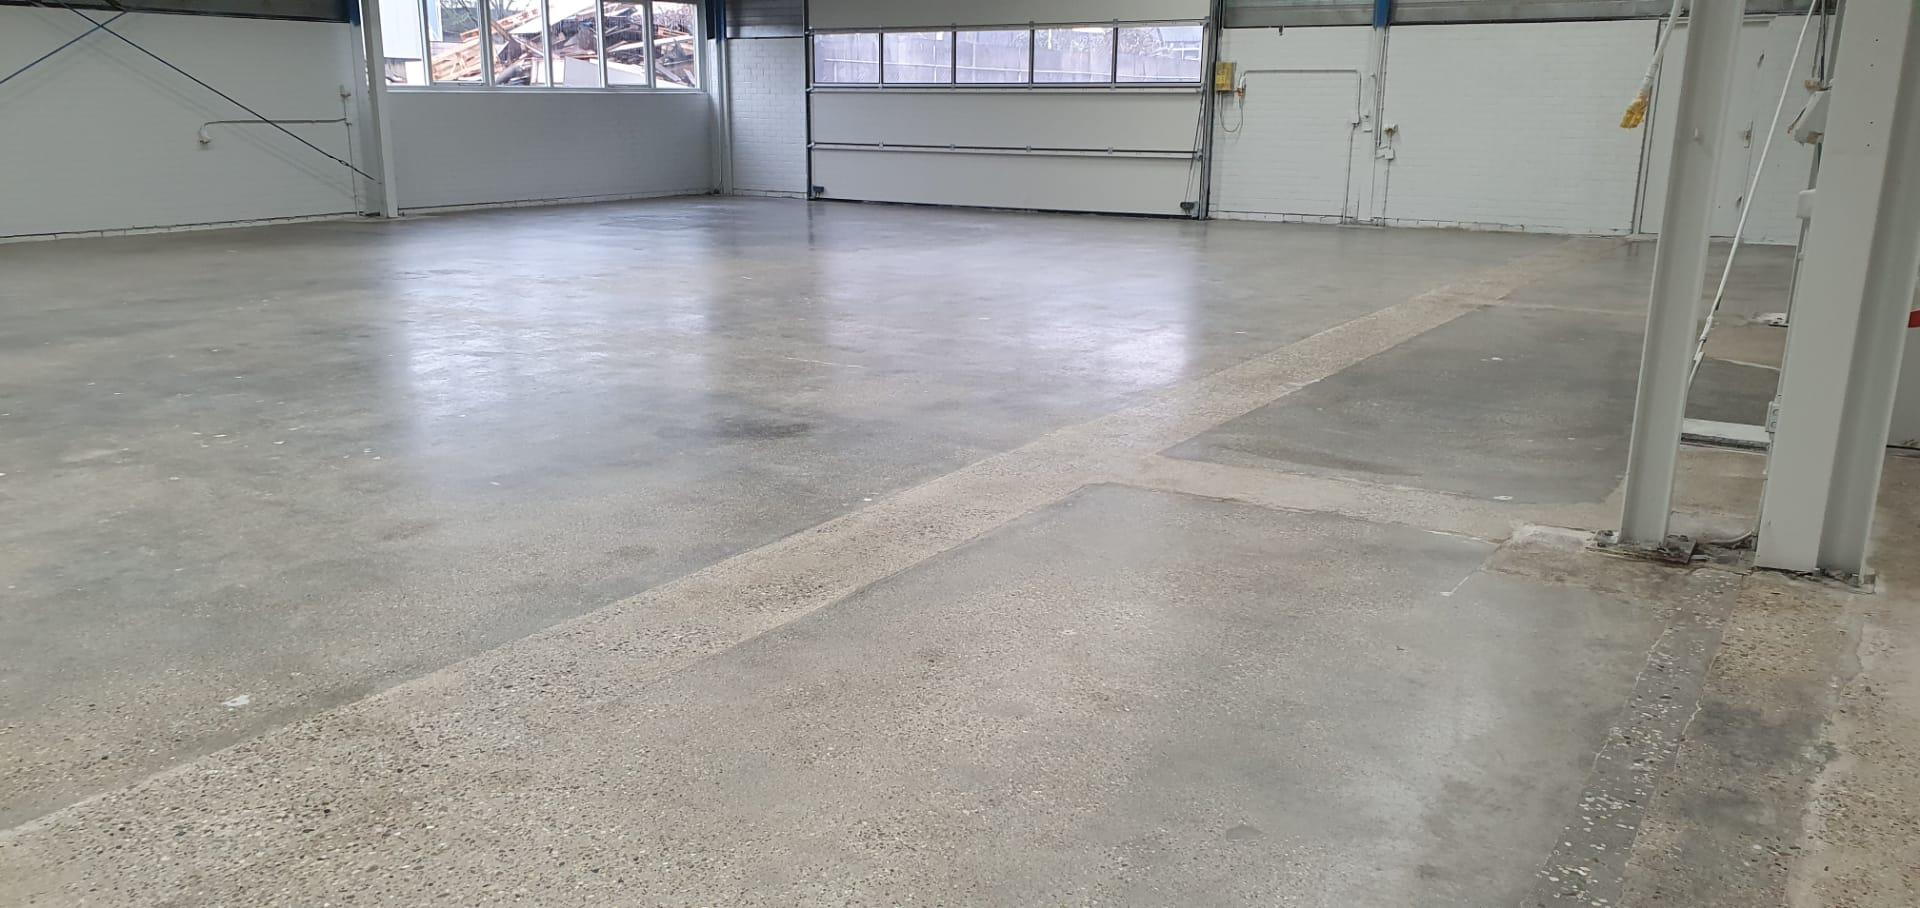 Renovatie betonvloer: Niet slopen maar renoveren!